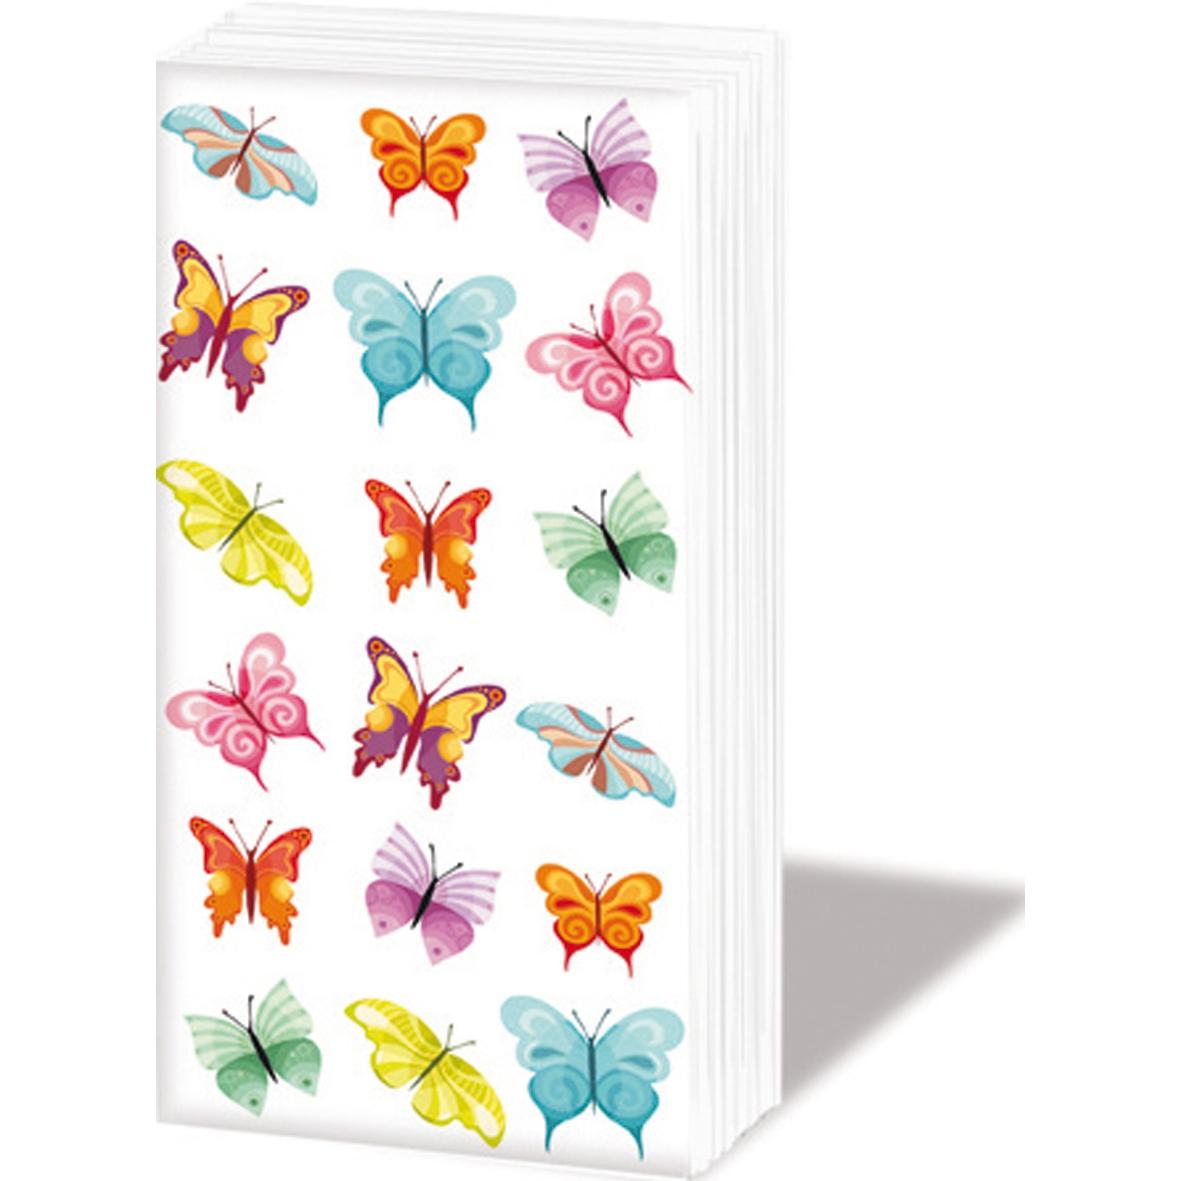 Taschentücher Butterflies Collage,  Tiere,  Everyday,  bedruckte papiertaschentücher,  Schmetterlinge